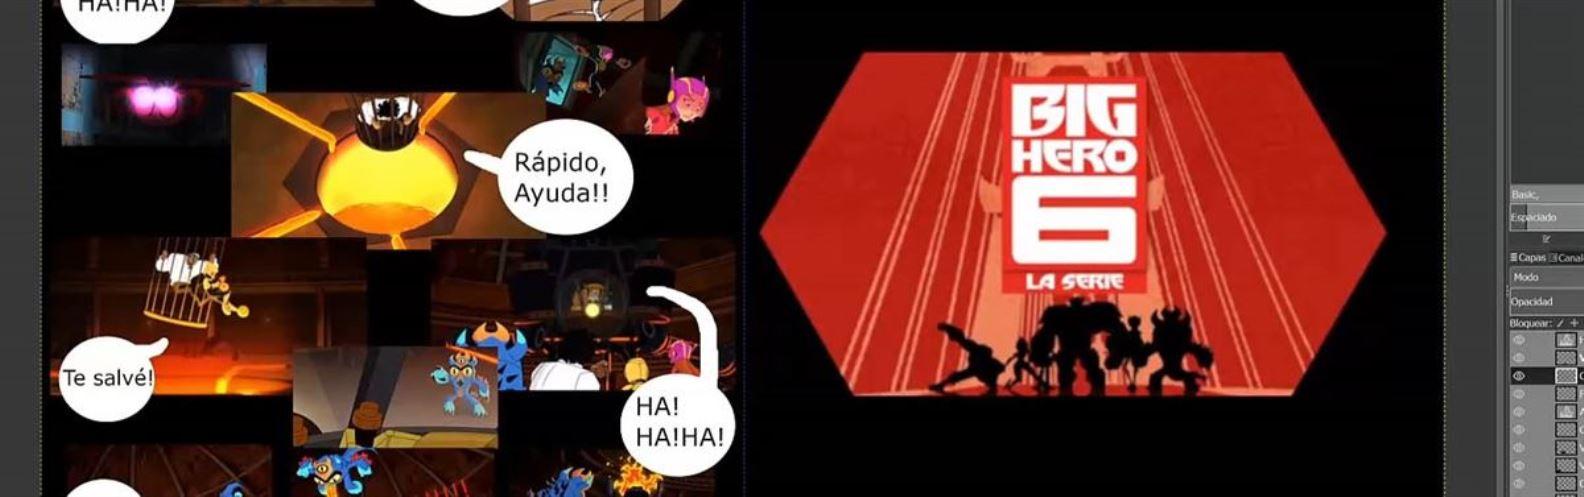 Actividad para niños de Arte 2D/3D: El comic de Fred